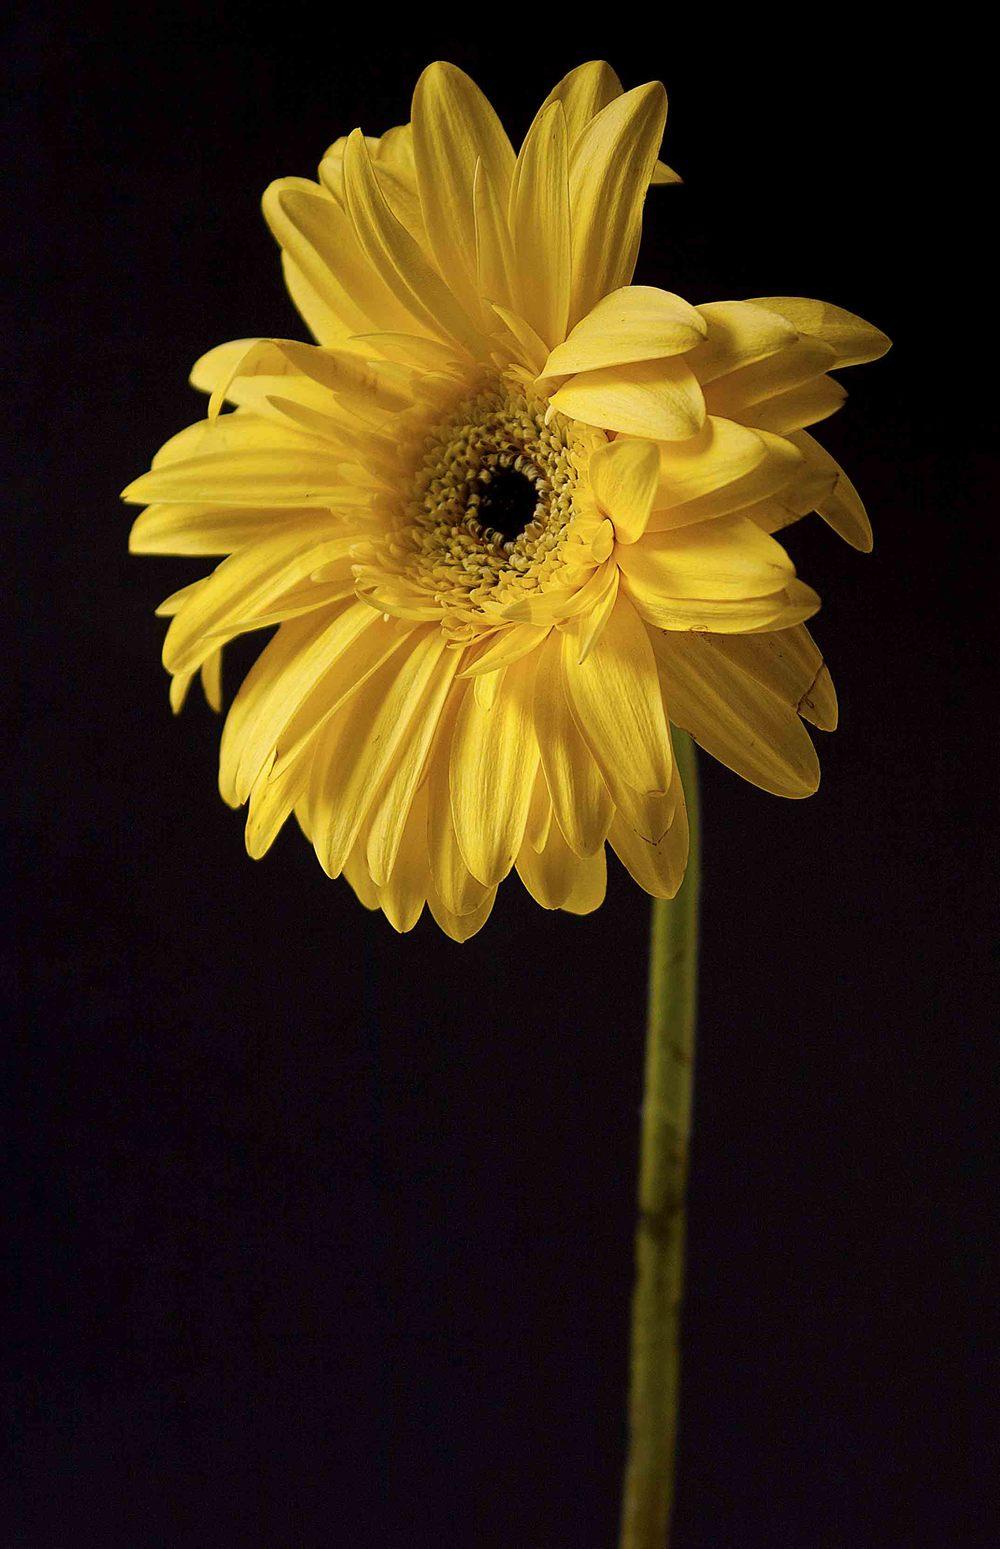 yellowdaisy_02.jpg